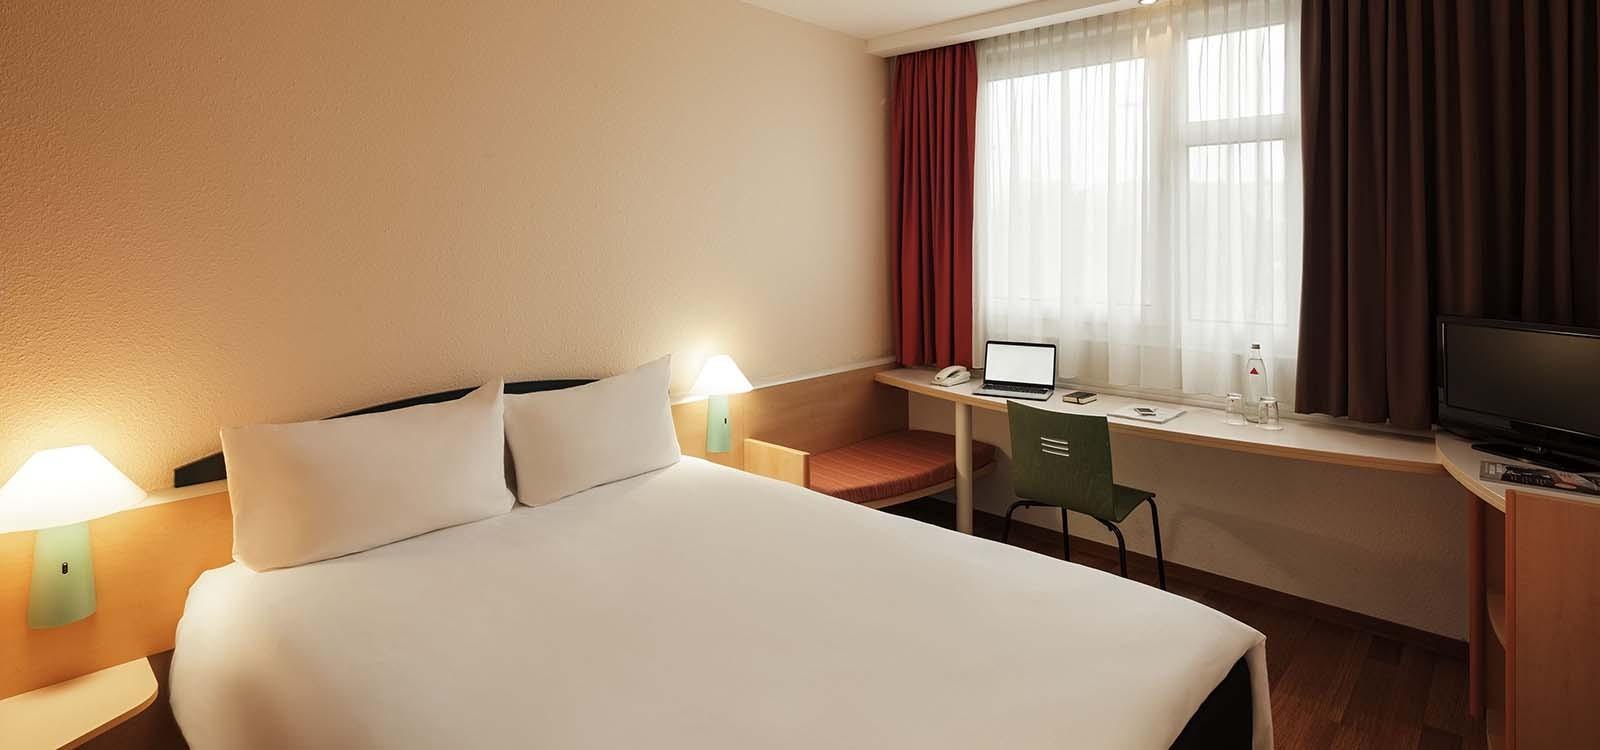 Hotel Koln Frankfurter Strasse